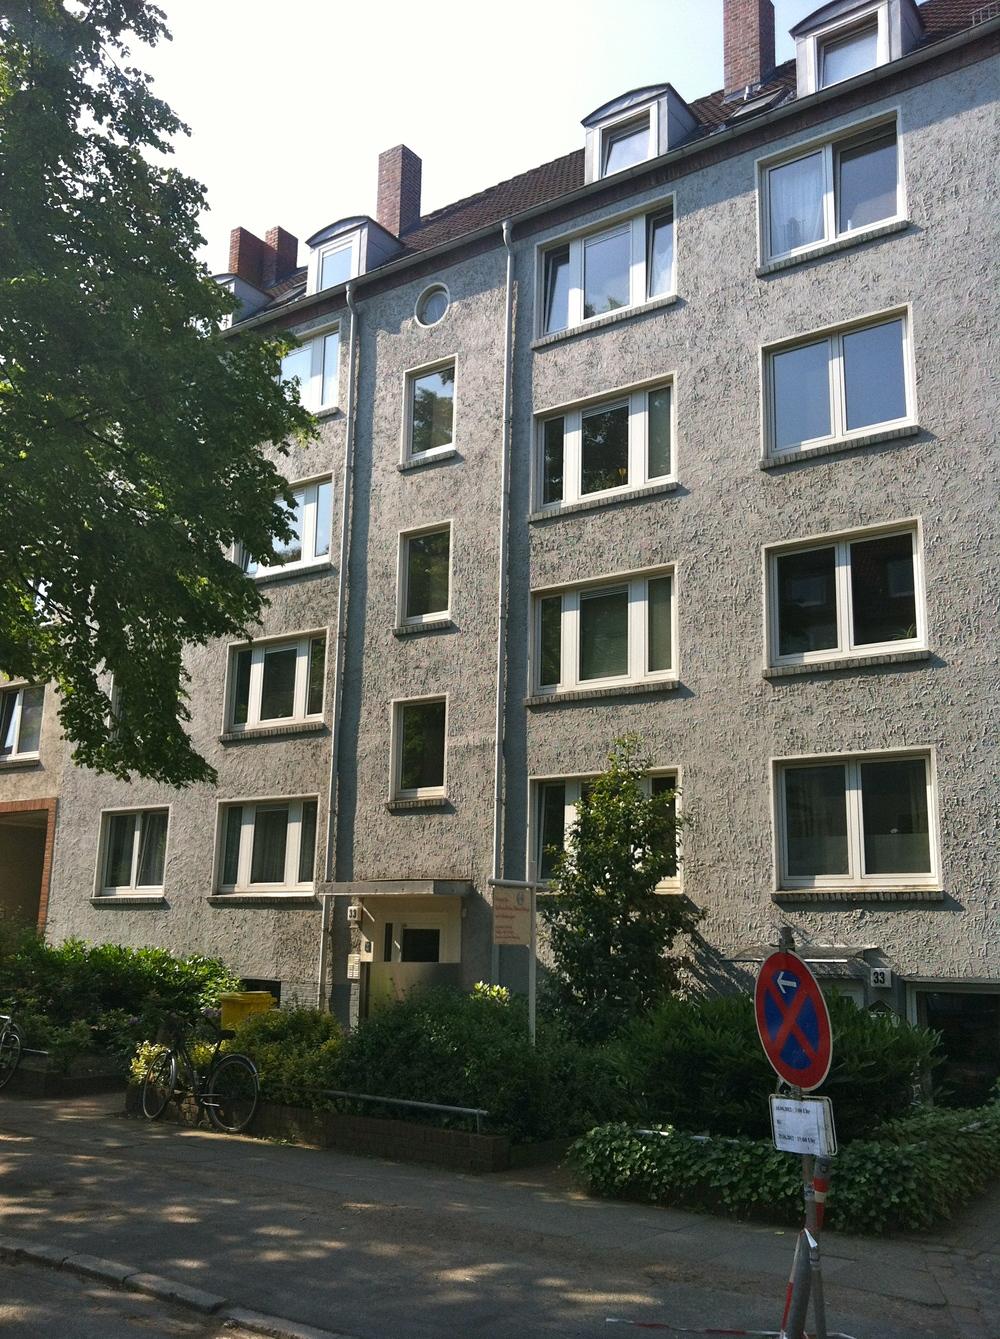 Eimsbüttel, Wiesenstraße, 14 WE, 1 GE